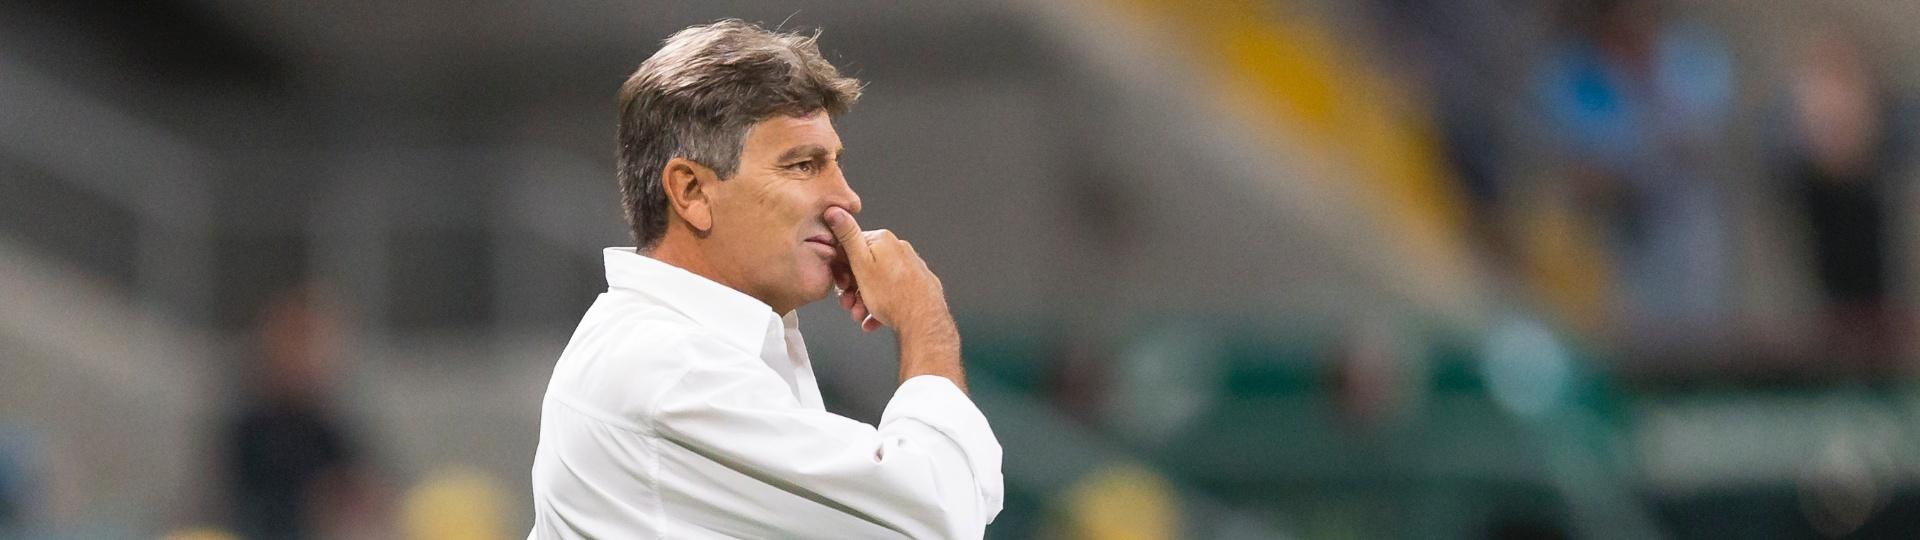 Renato Gaúcho faz a estreia pelo Grêmio contra o Atlético-PR